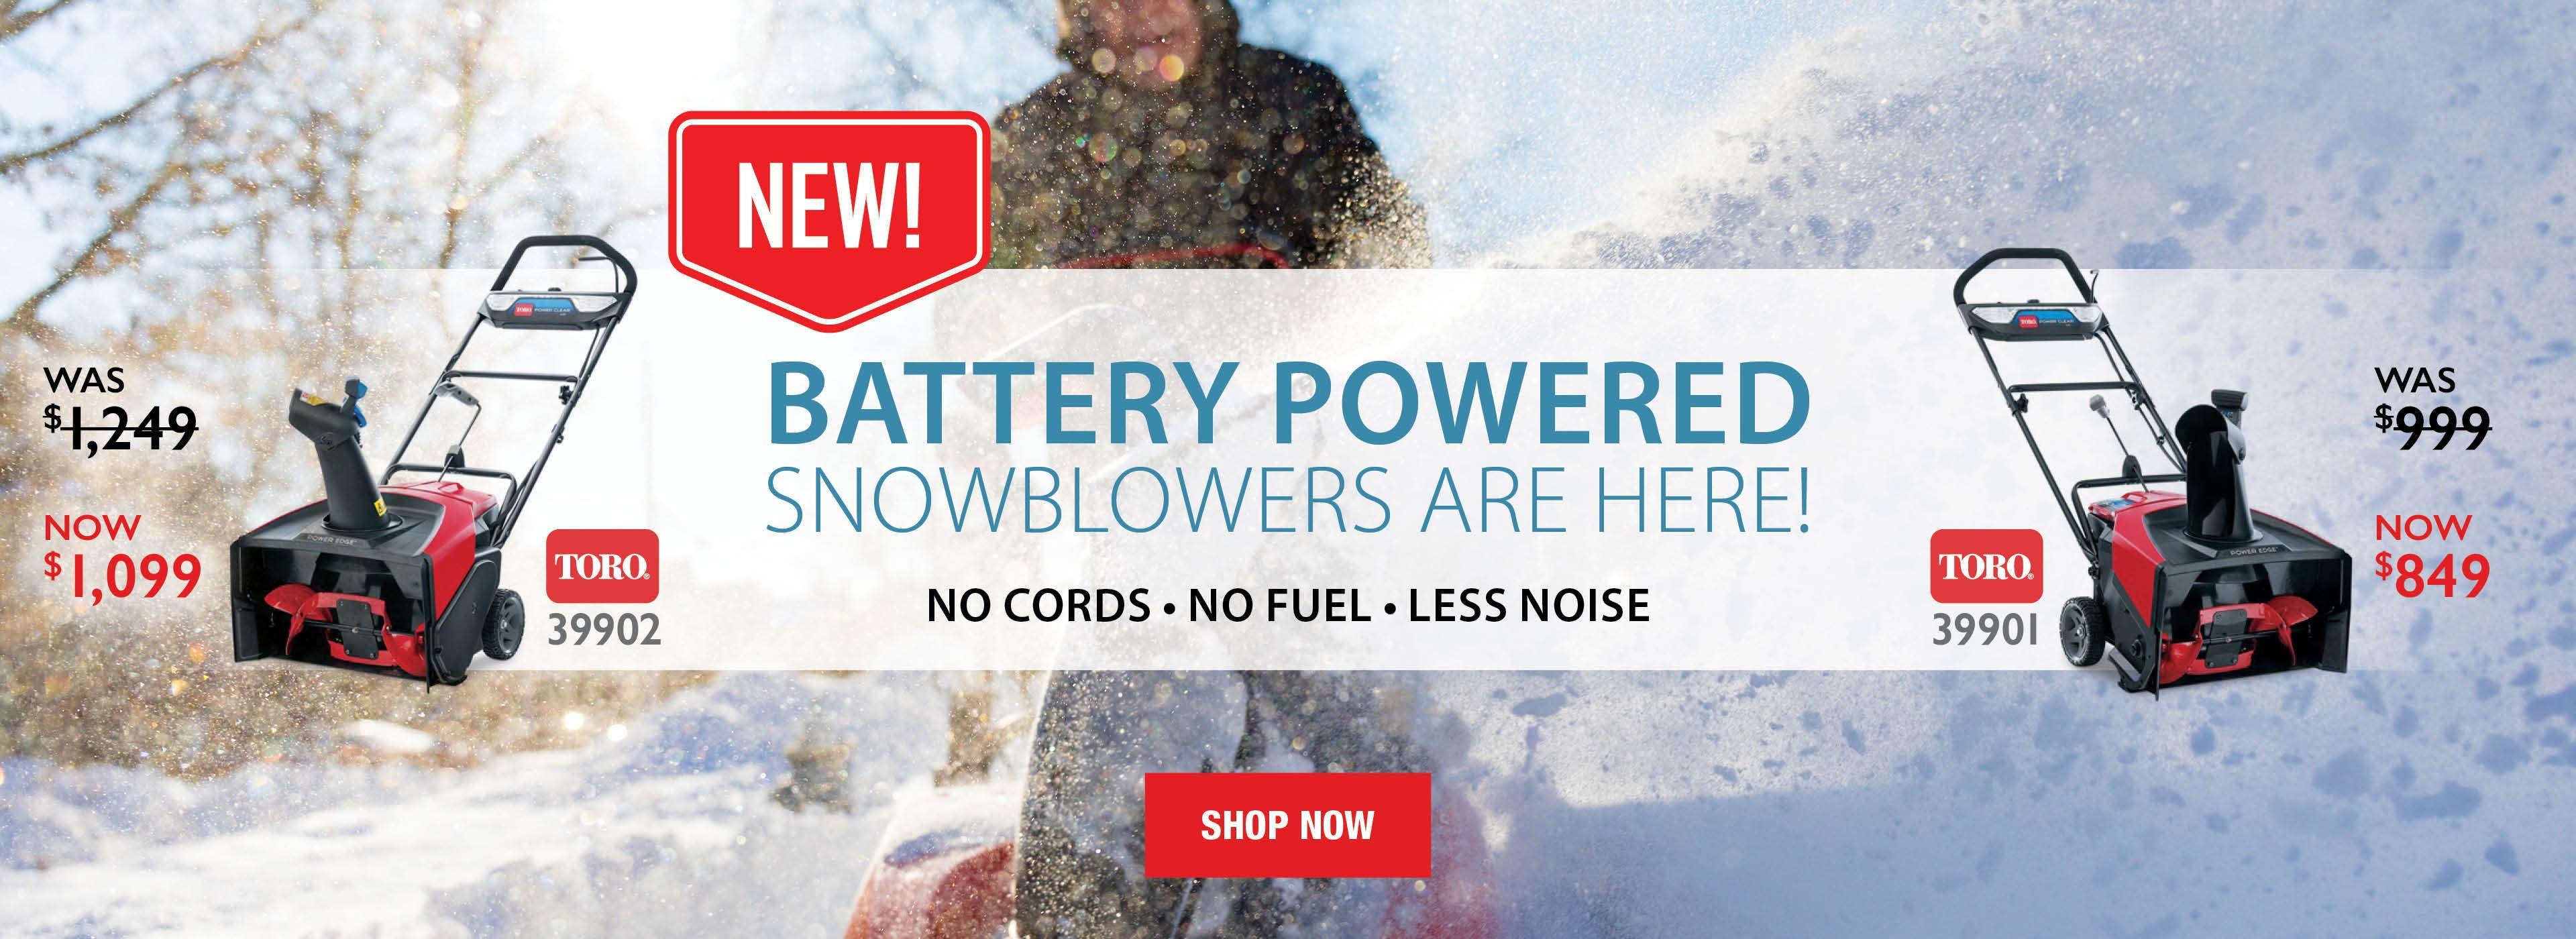 New Toro Battery Snowblowers 39902 39901